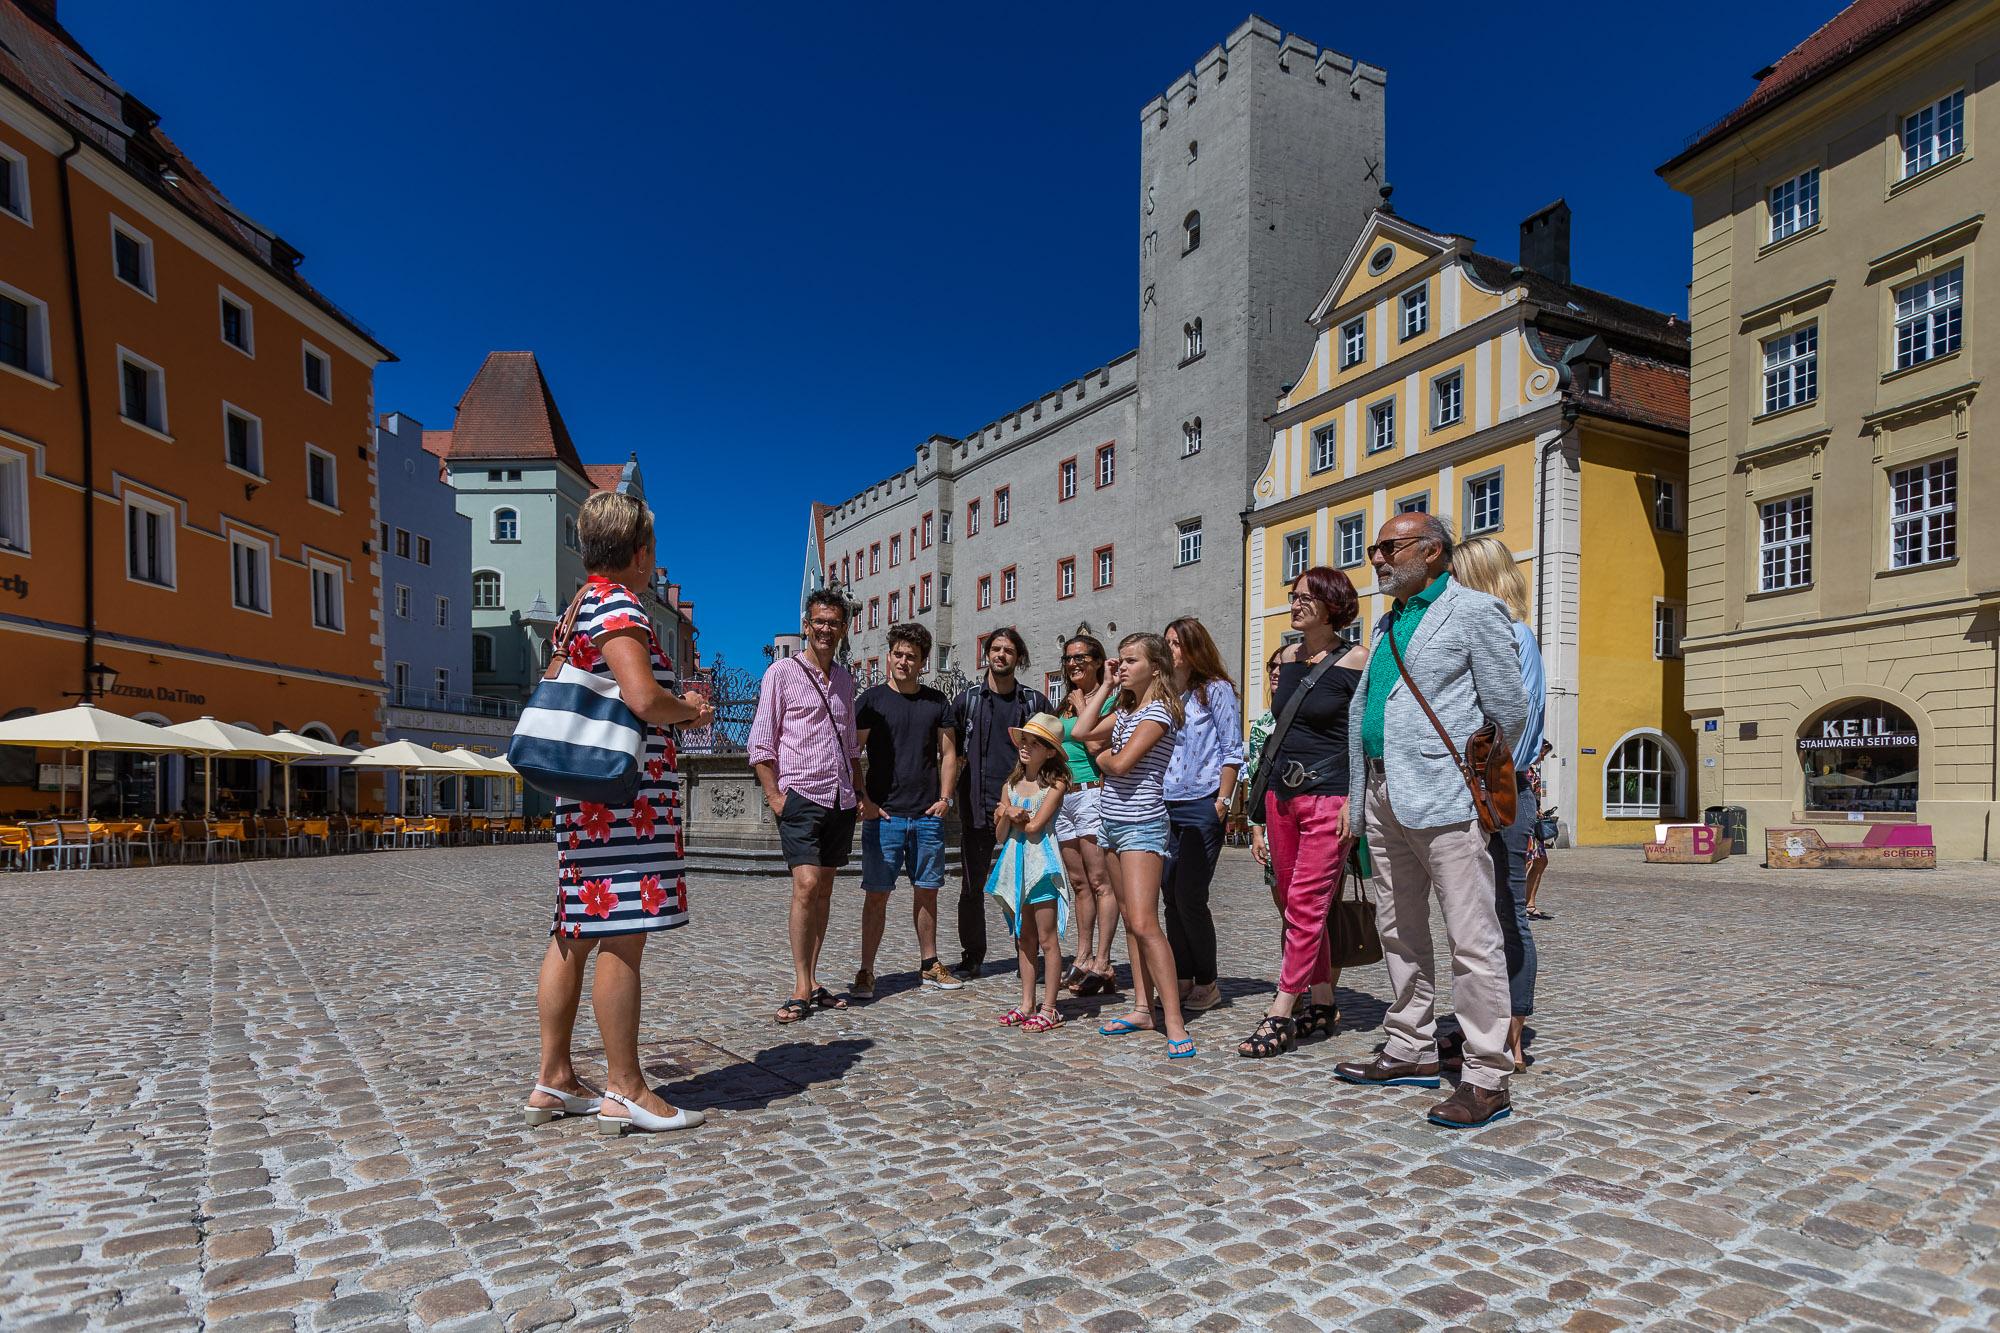 Regensburg Tourismus – Tourist Information